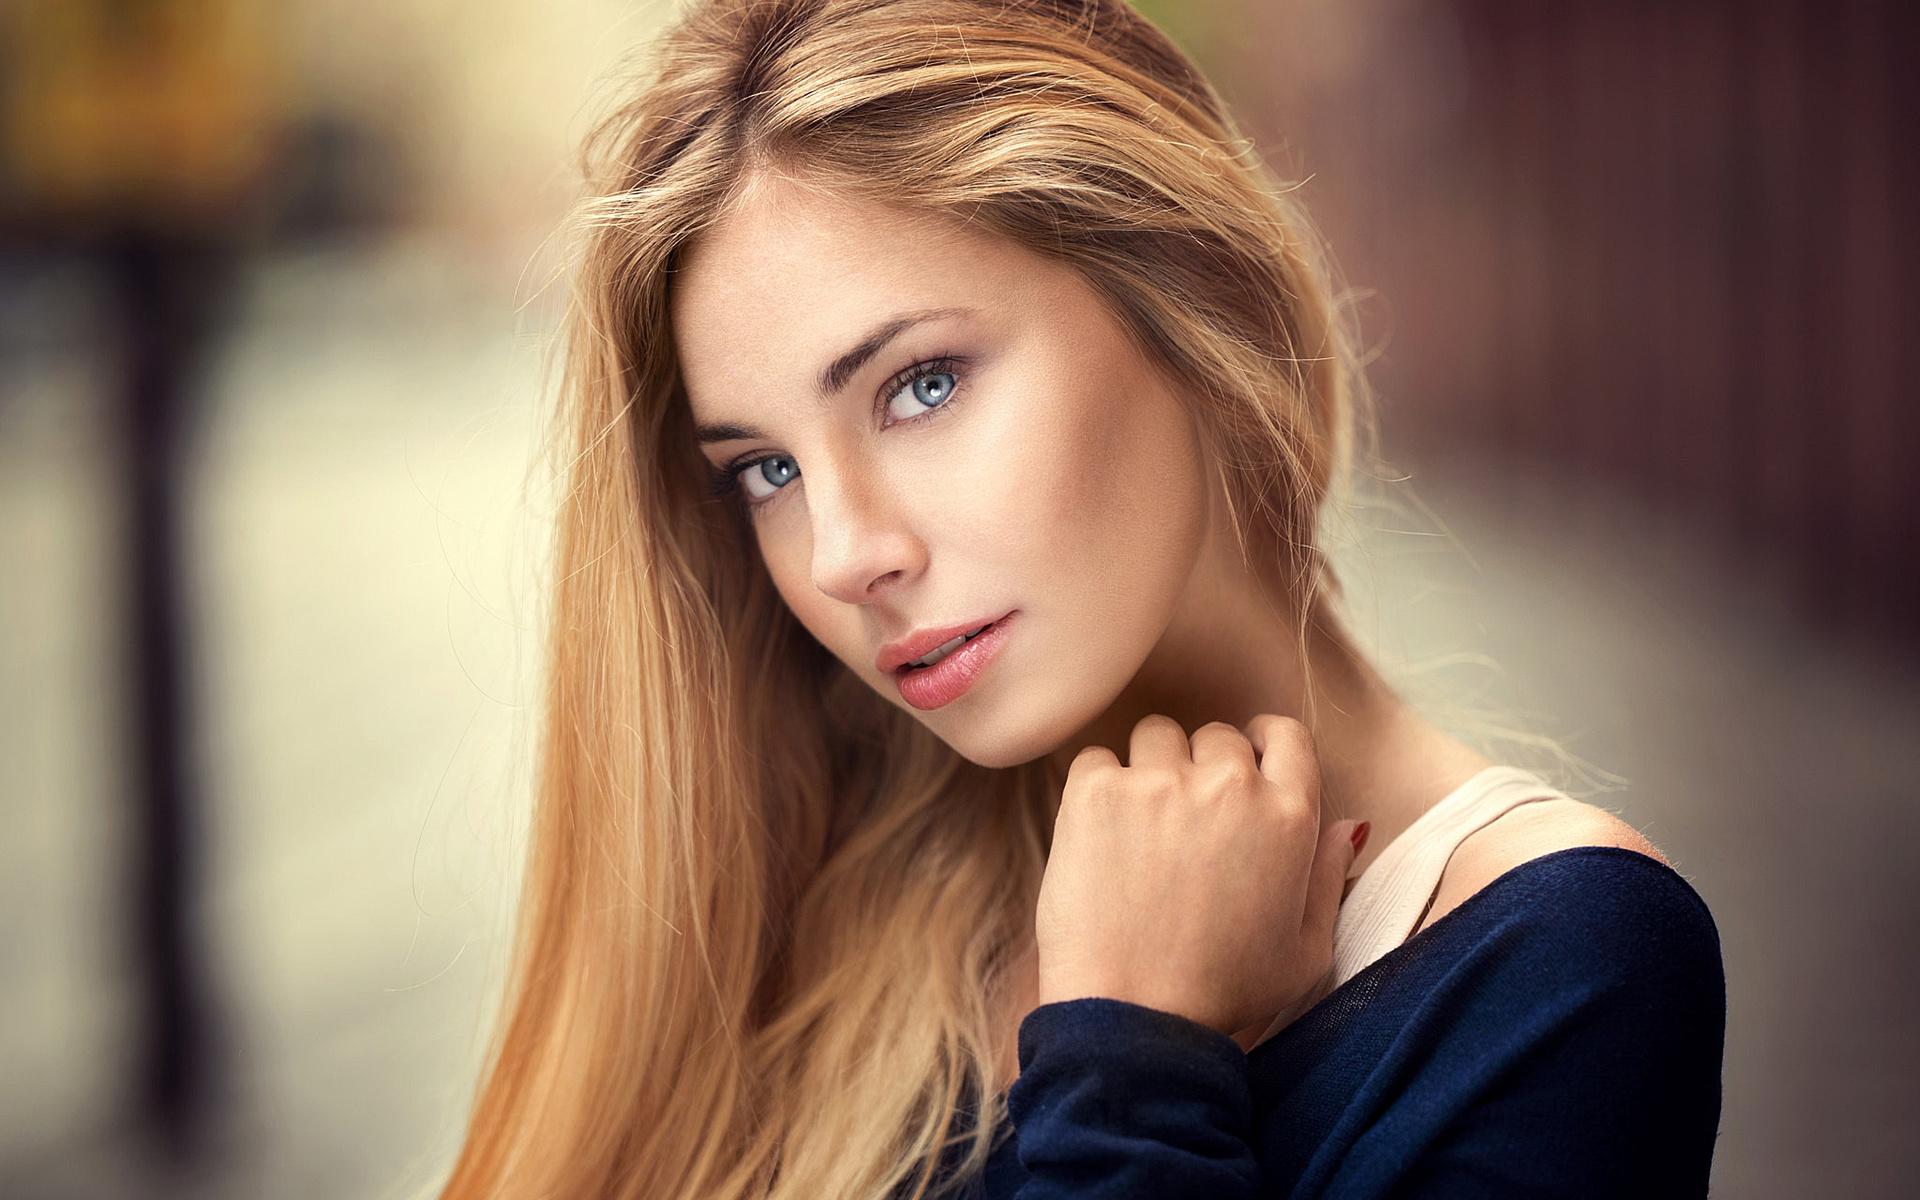 красивые картинки портреты красивых лиц прочность материала, которая